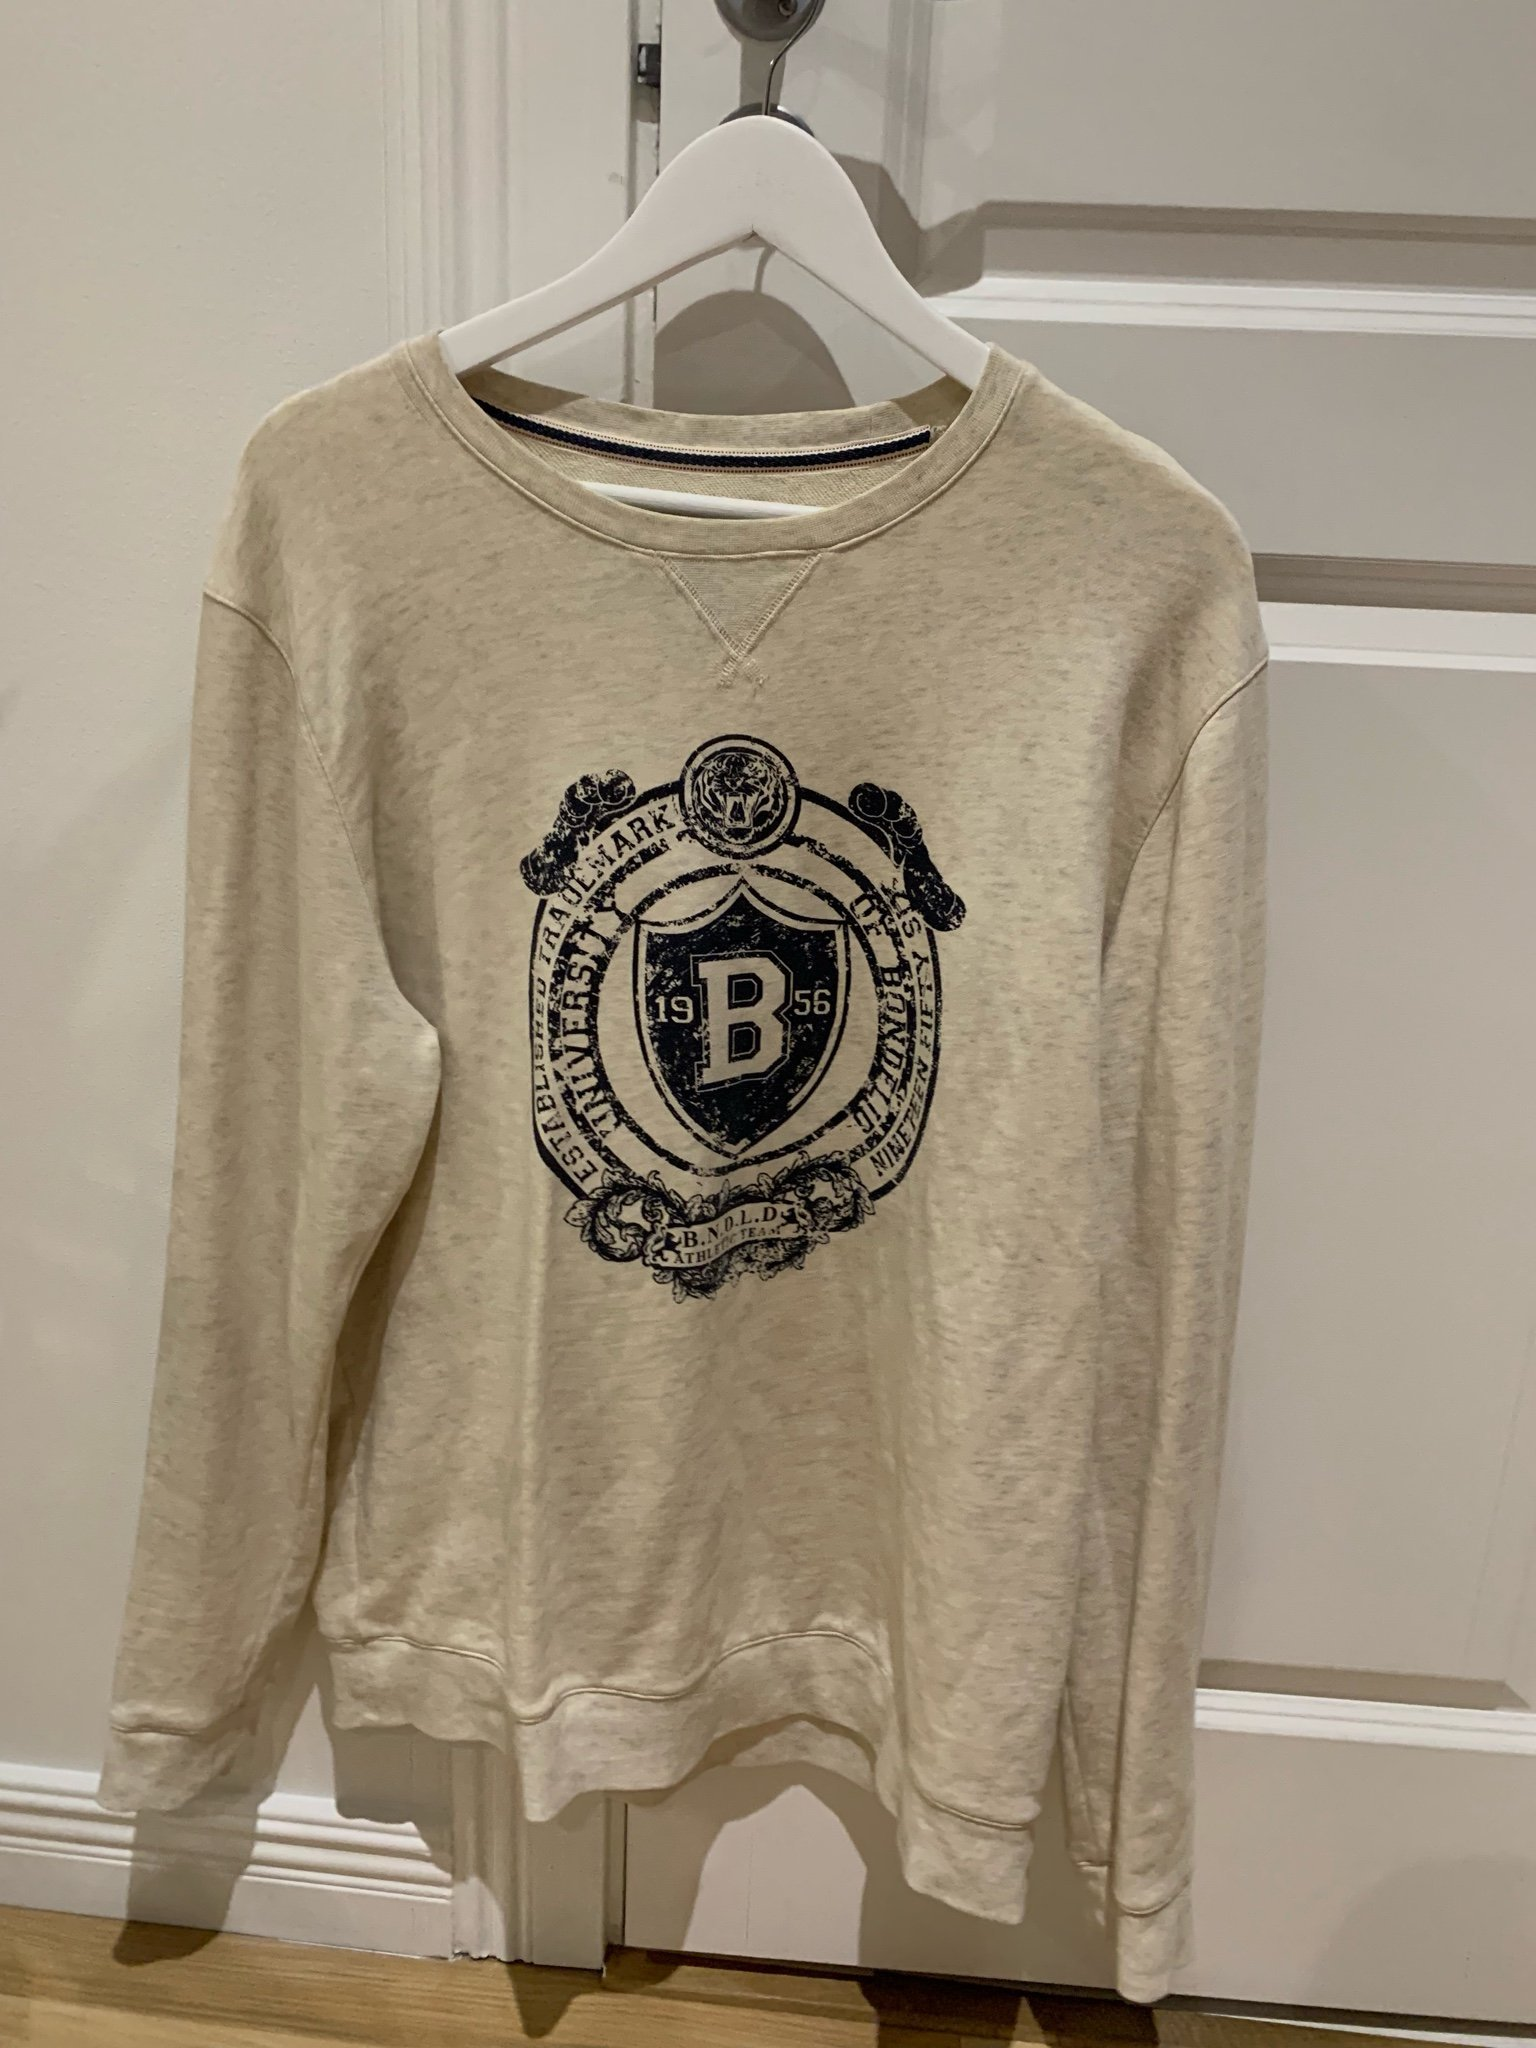 6dcc34f20c4d Bondelid tröja XL (345877640) ᐈ Köp på Tradera